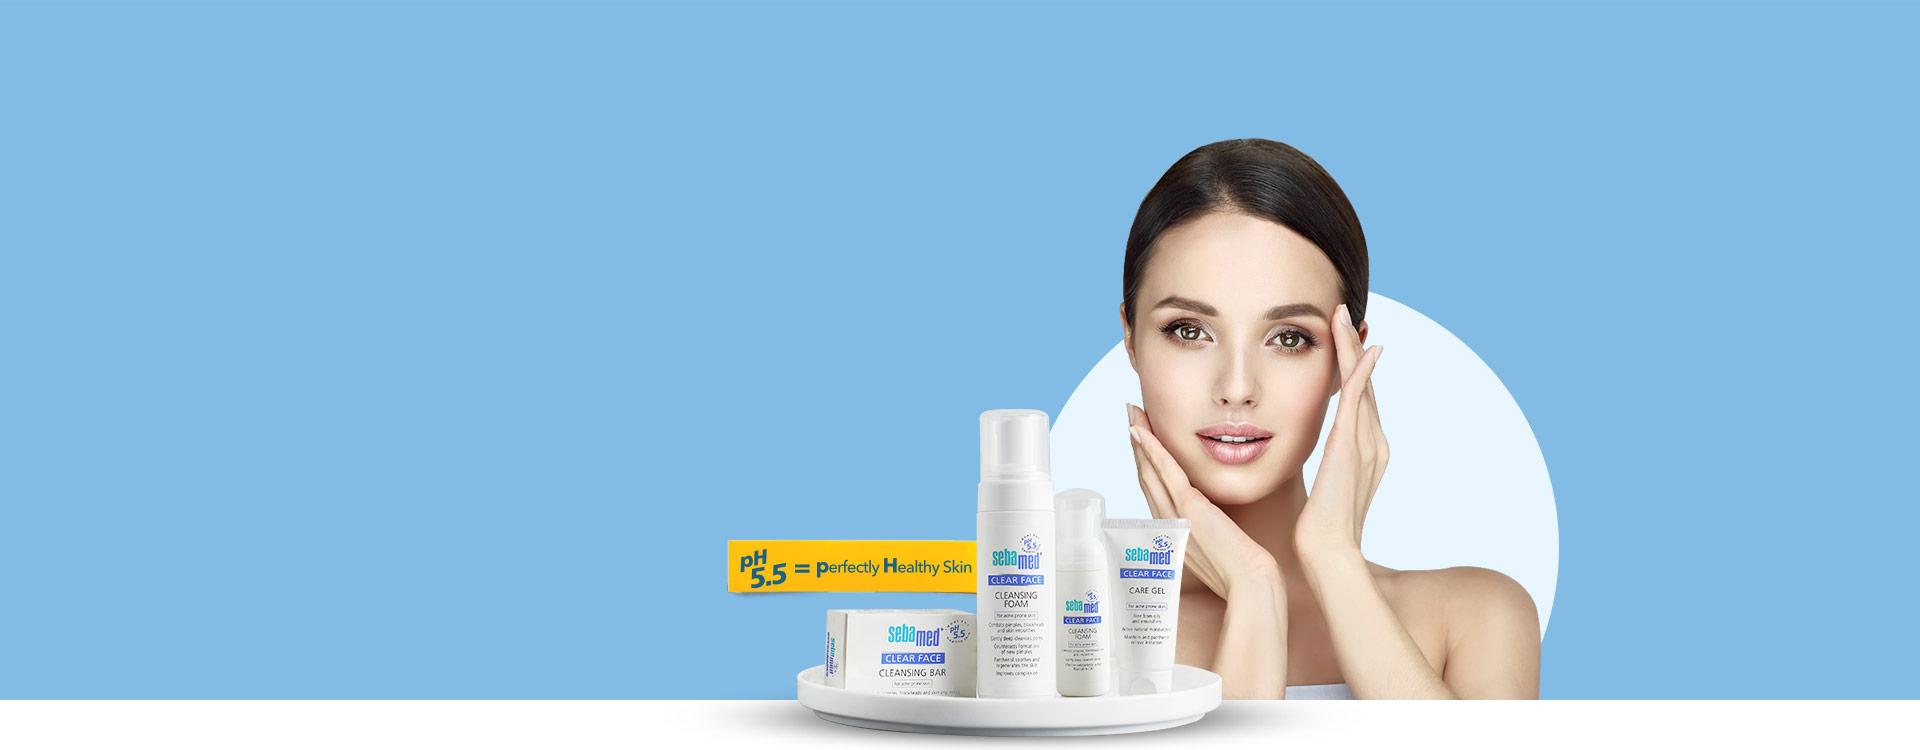 Science behind <br/> healthy skin